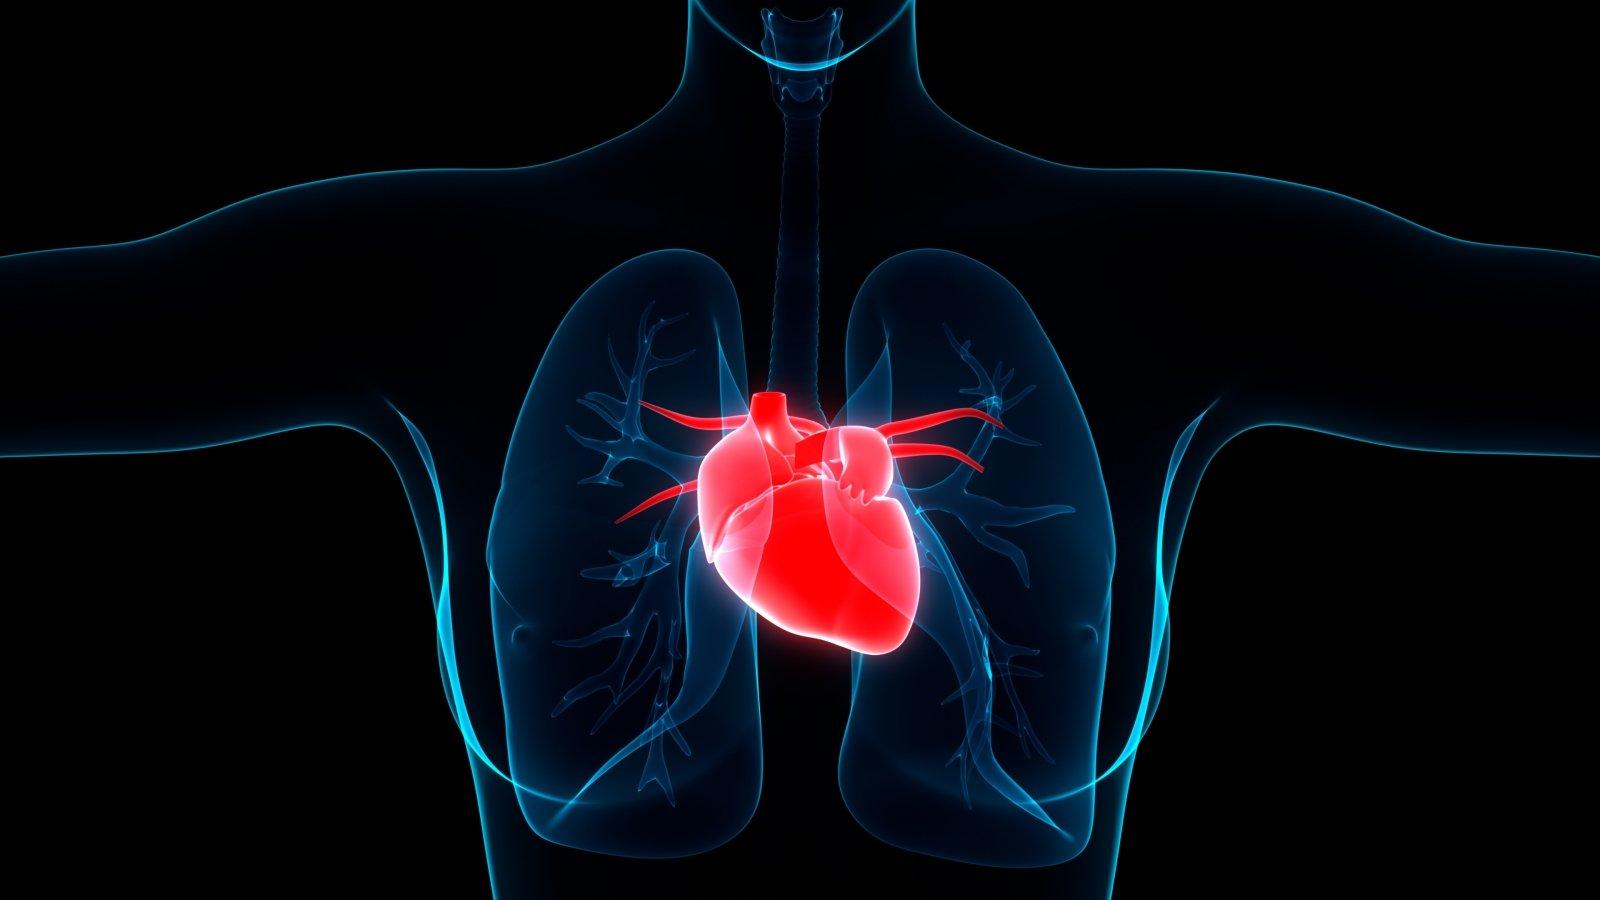 širdis skamba hipertenzija produktai, skirti širdžiai, sergančiai hipertenzija